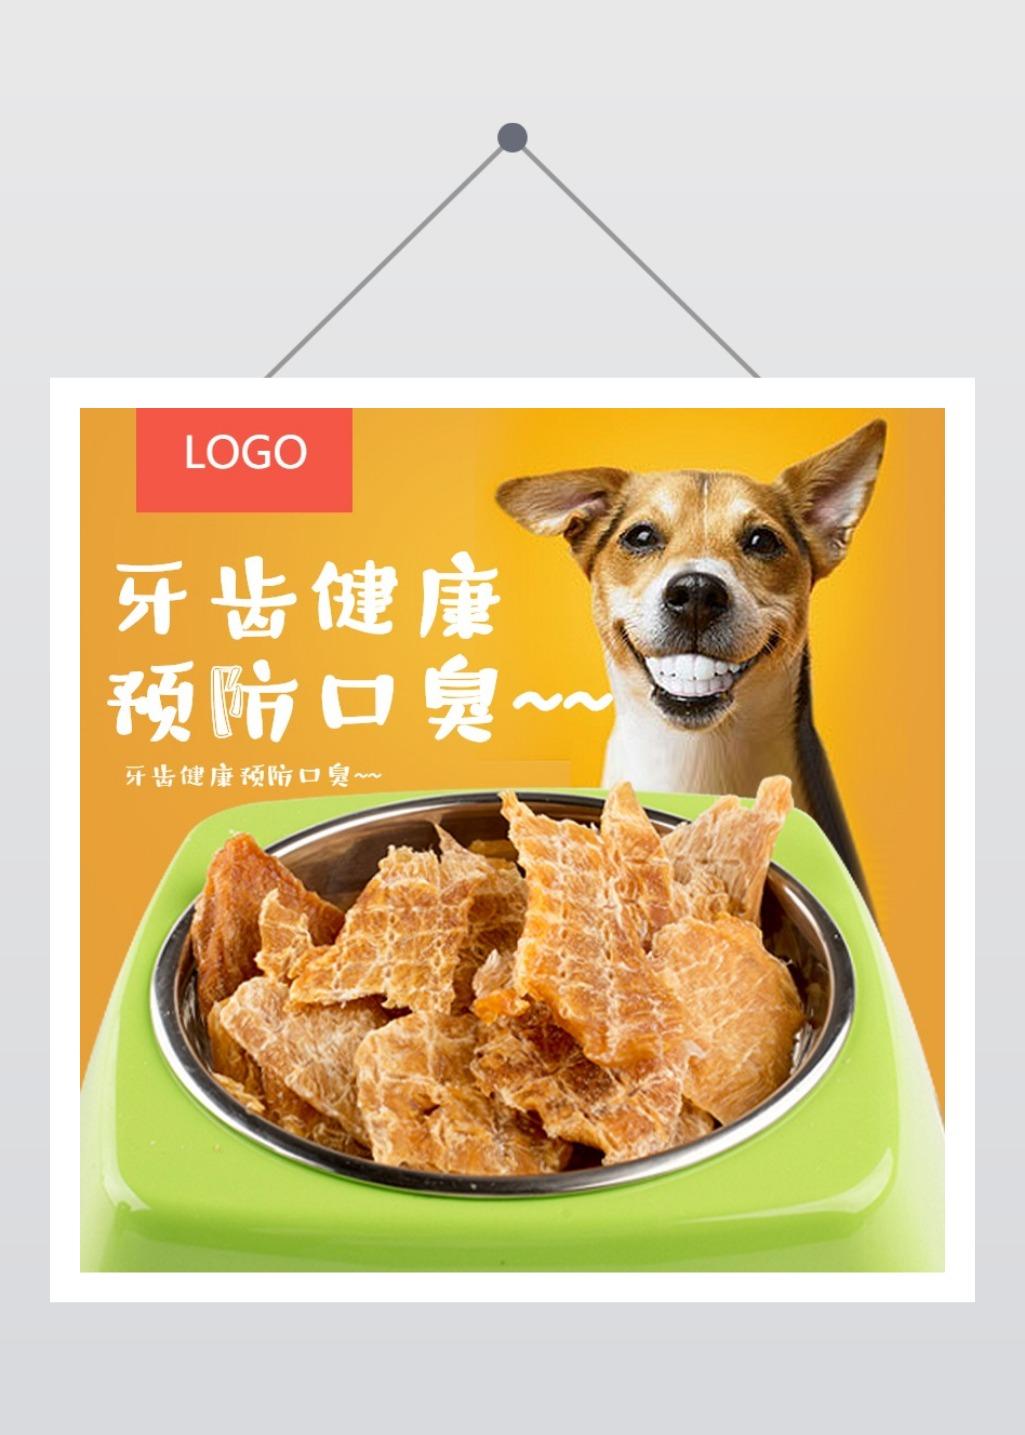 清新简约百货零售天然美味牙齿健康狗粮促销电商主图